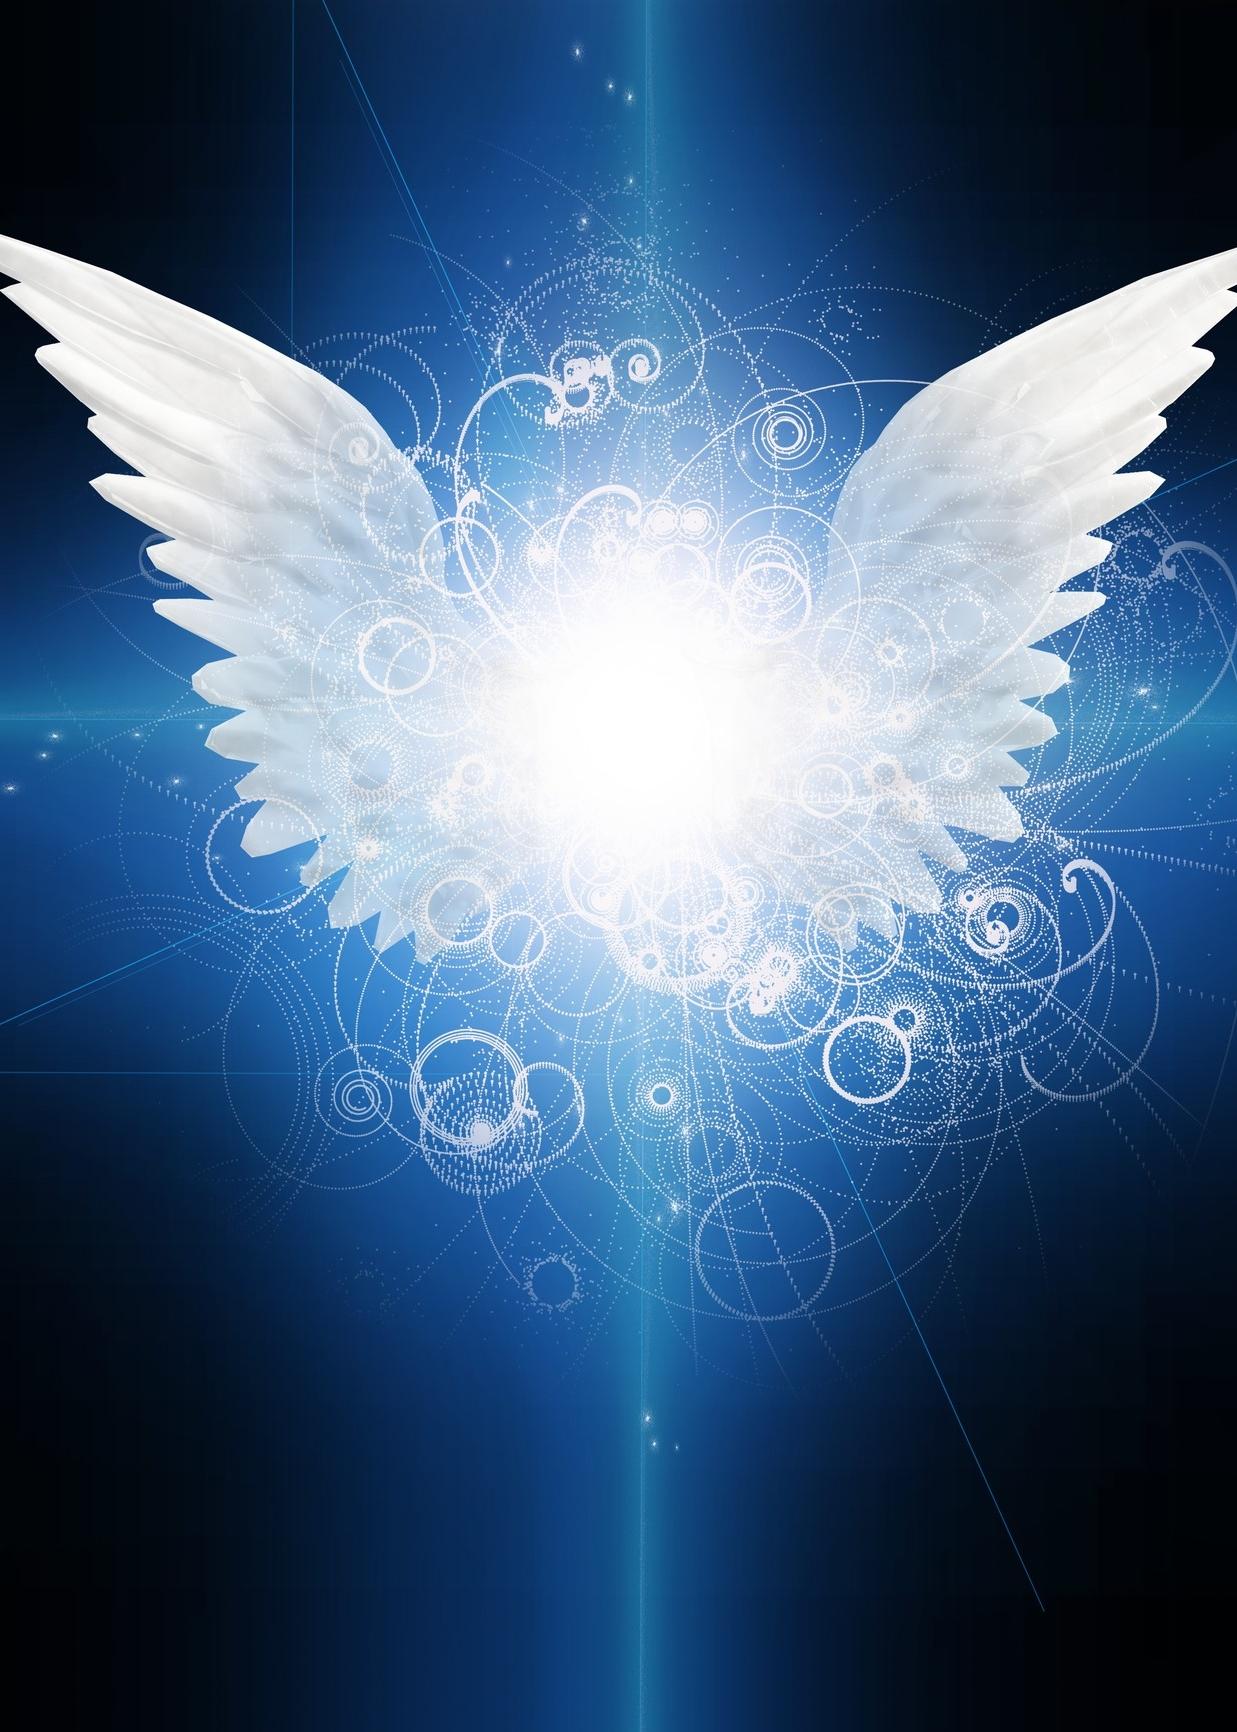 angel-winged-29575305.jpg